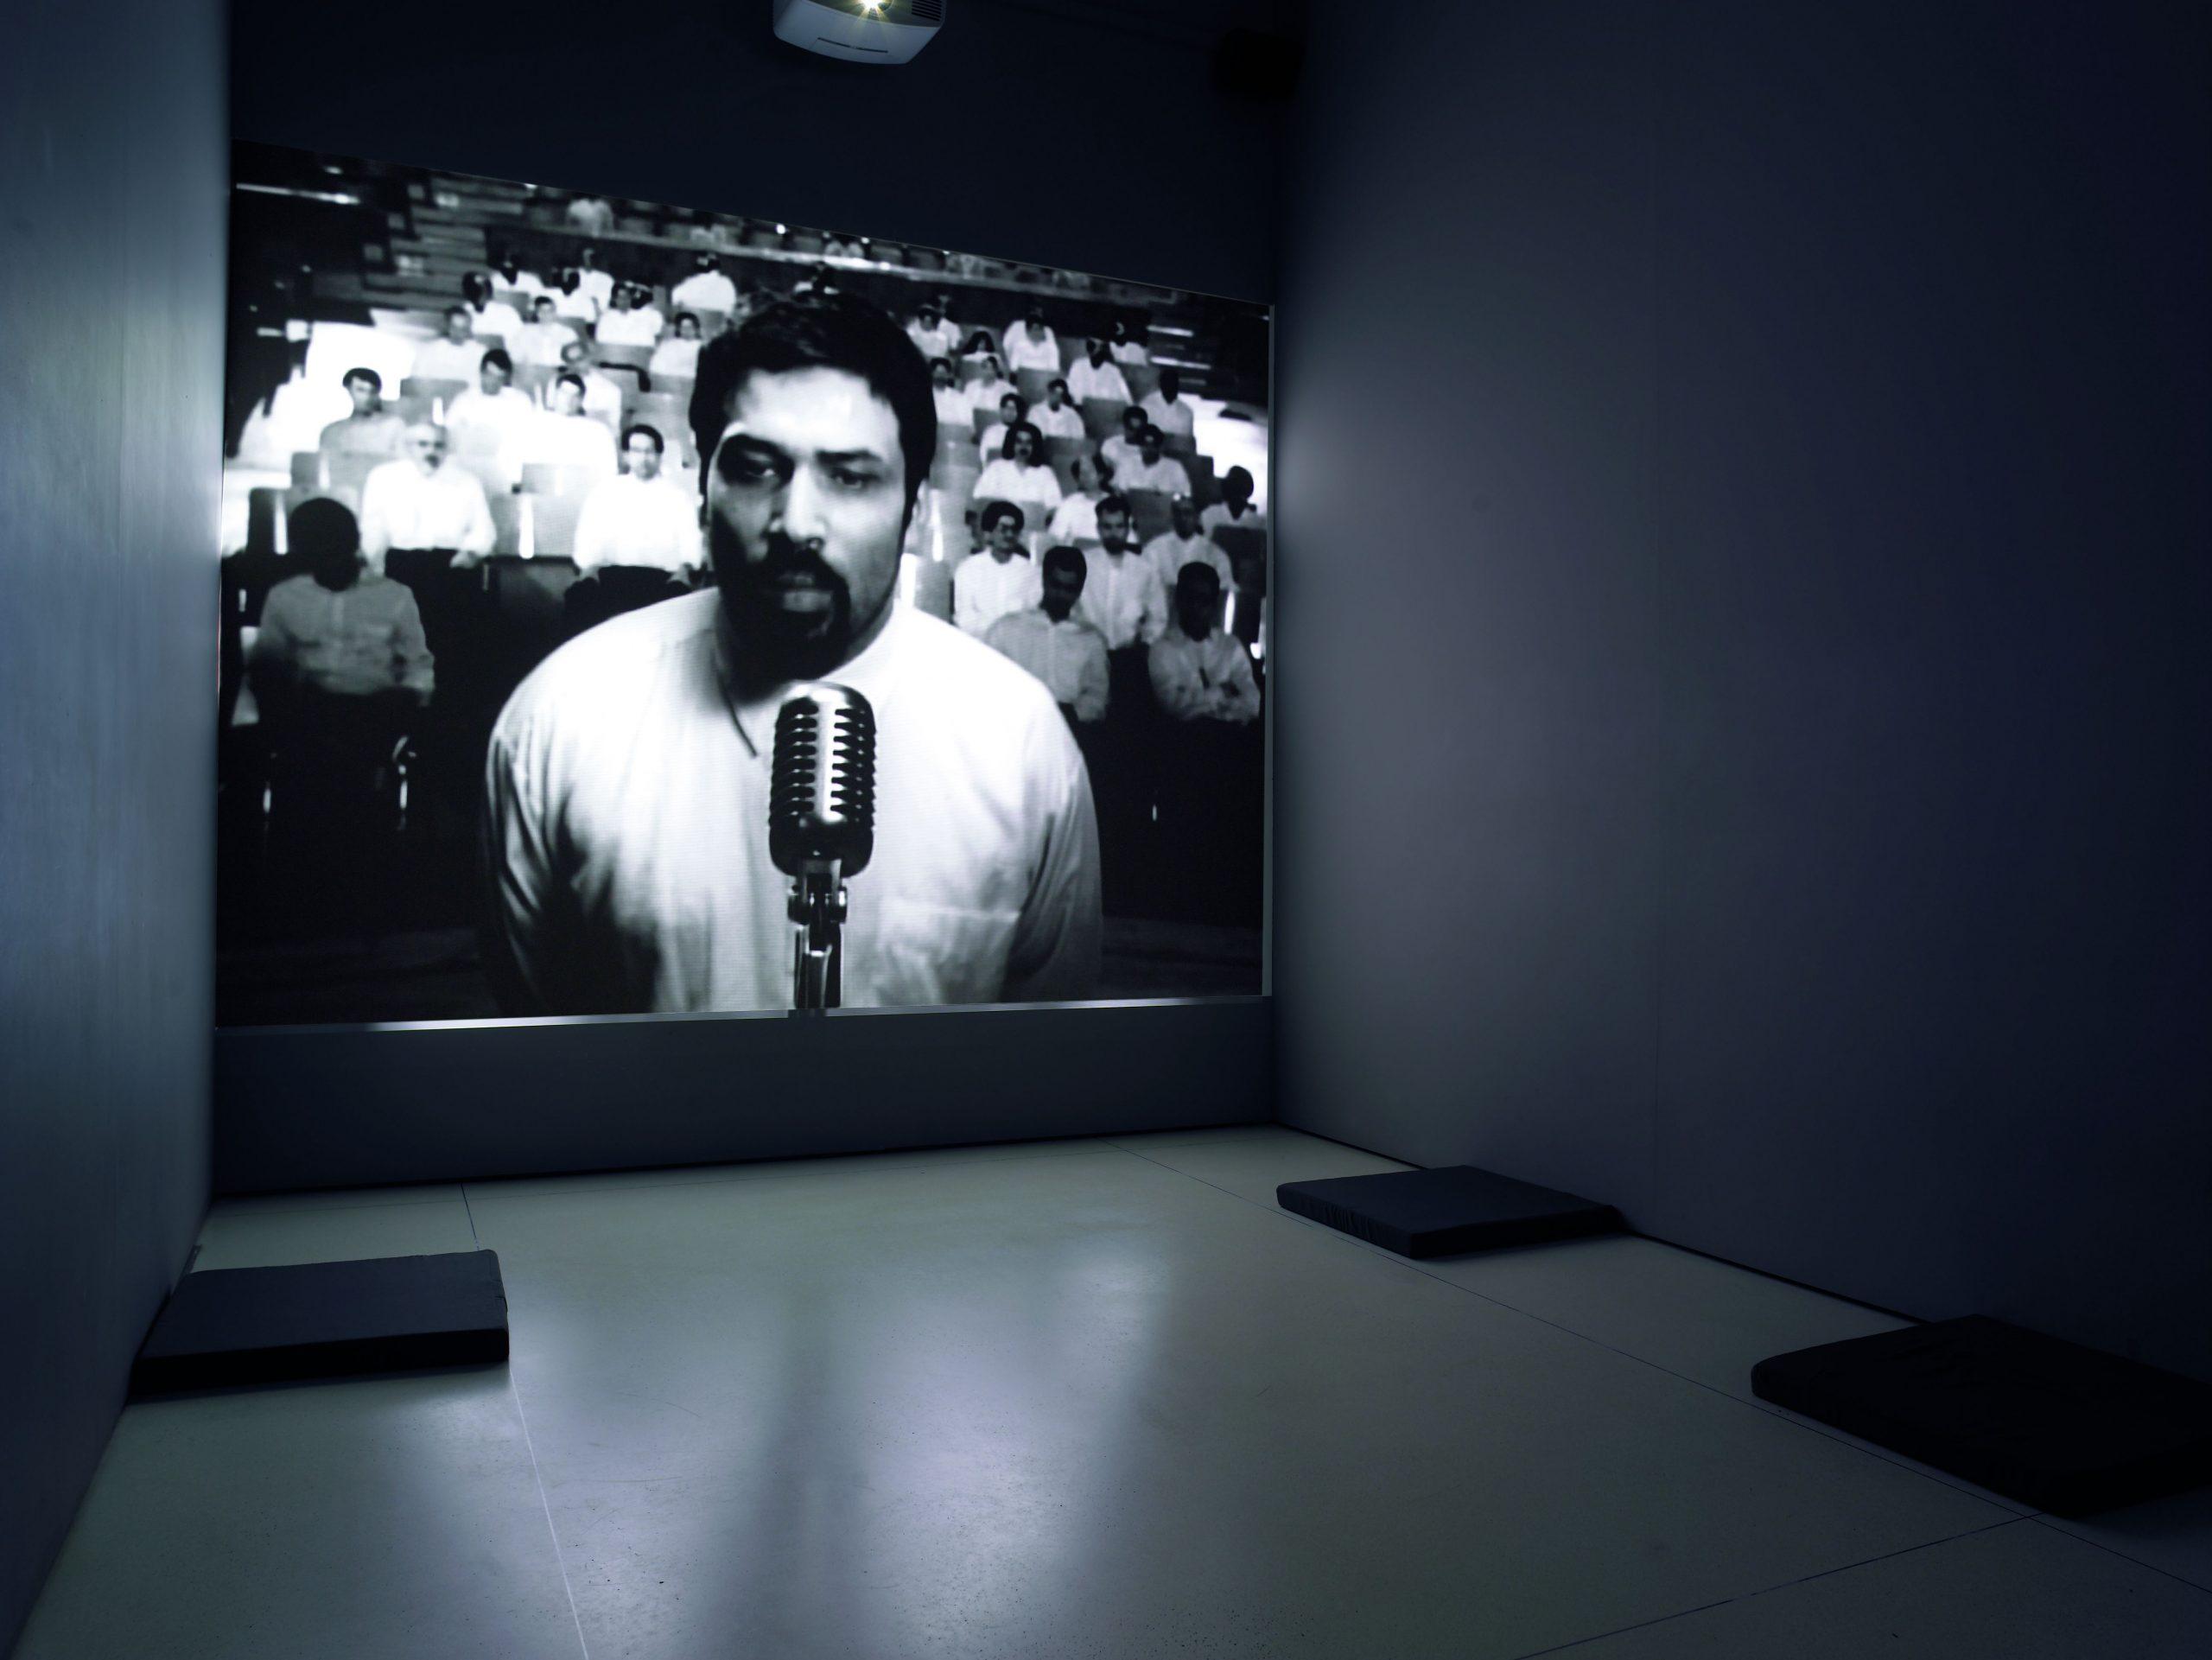 'Poètiques de l'Emoció' al Caixaforum Girona. Pere Duran / Nord Media.